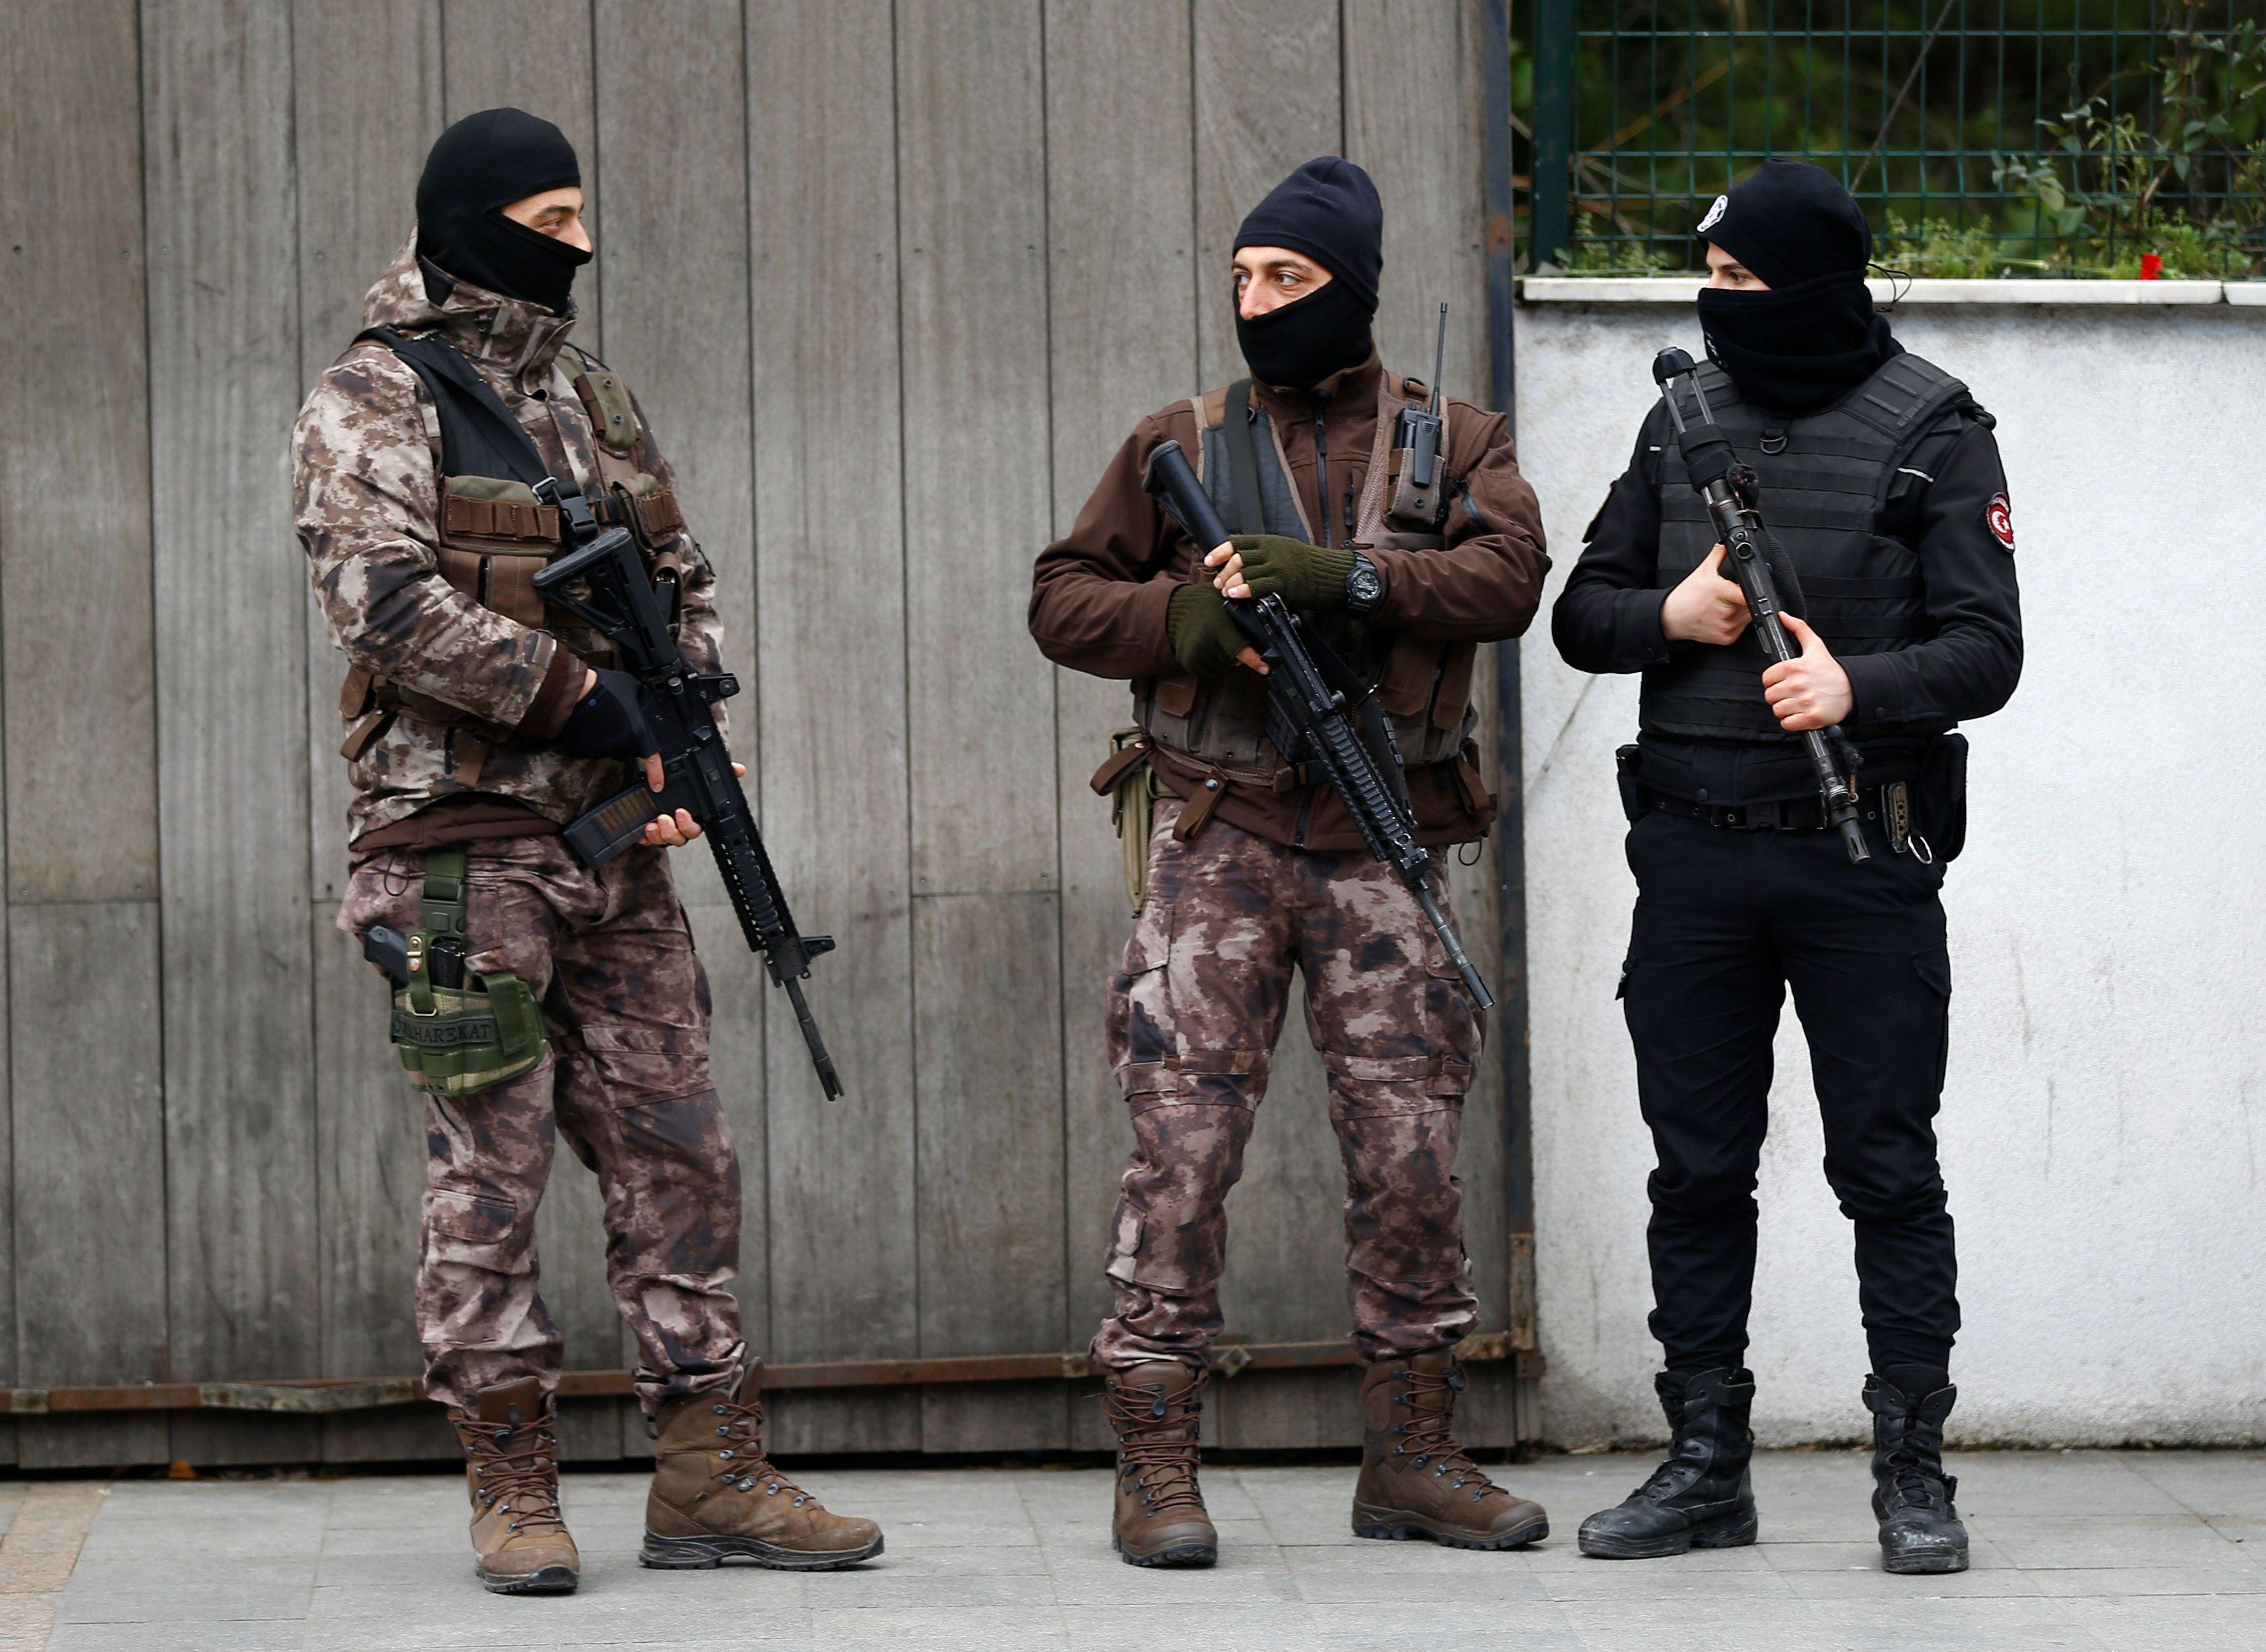 Назвать Турцию спокойной страной даже по сравнению с воюющей Украиной нельзя